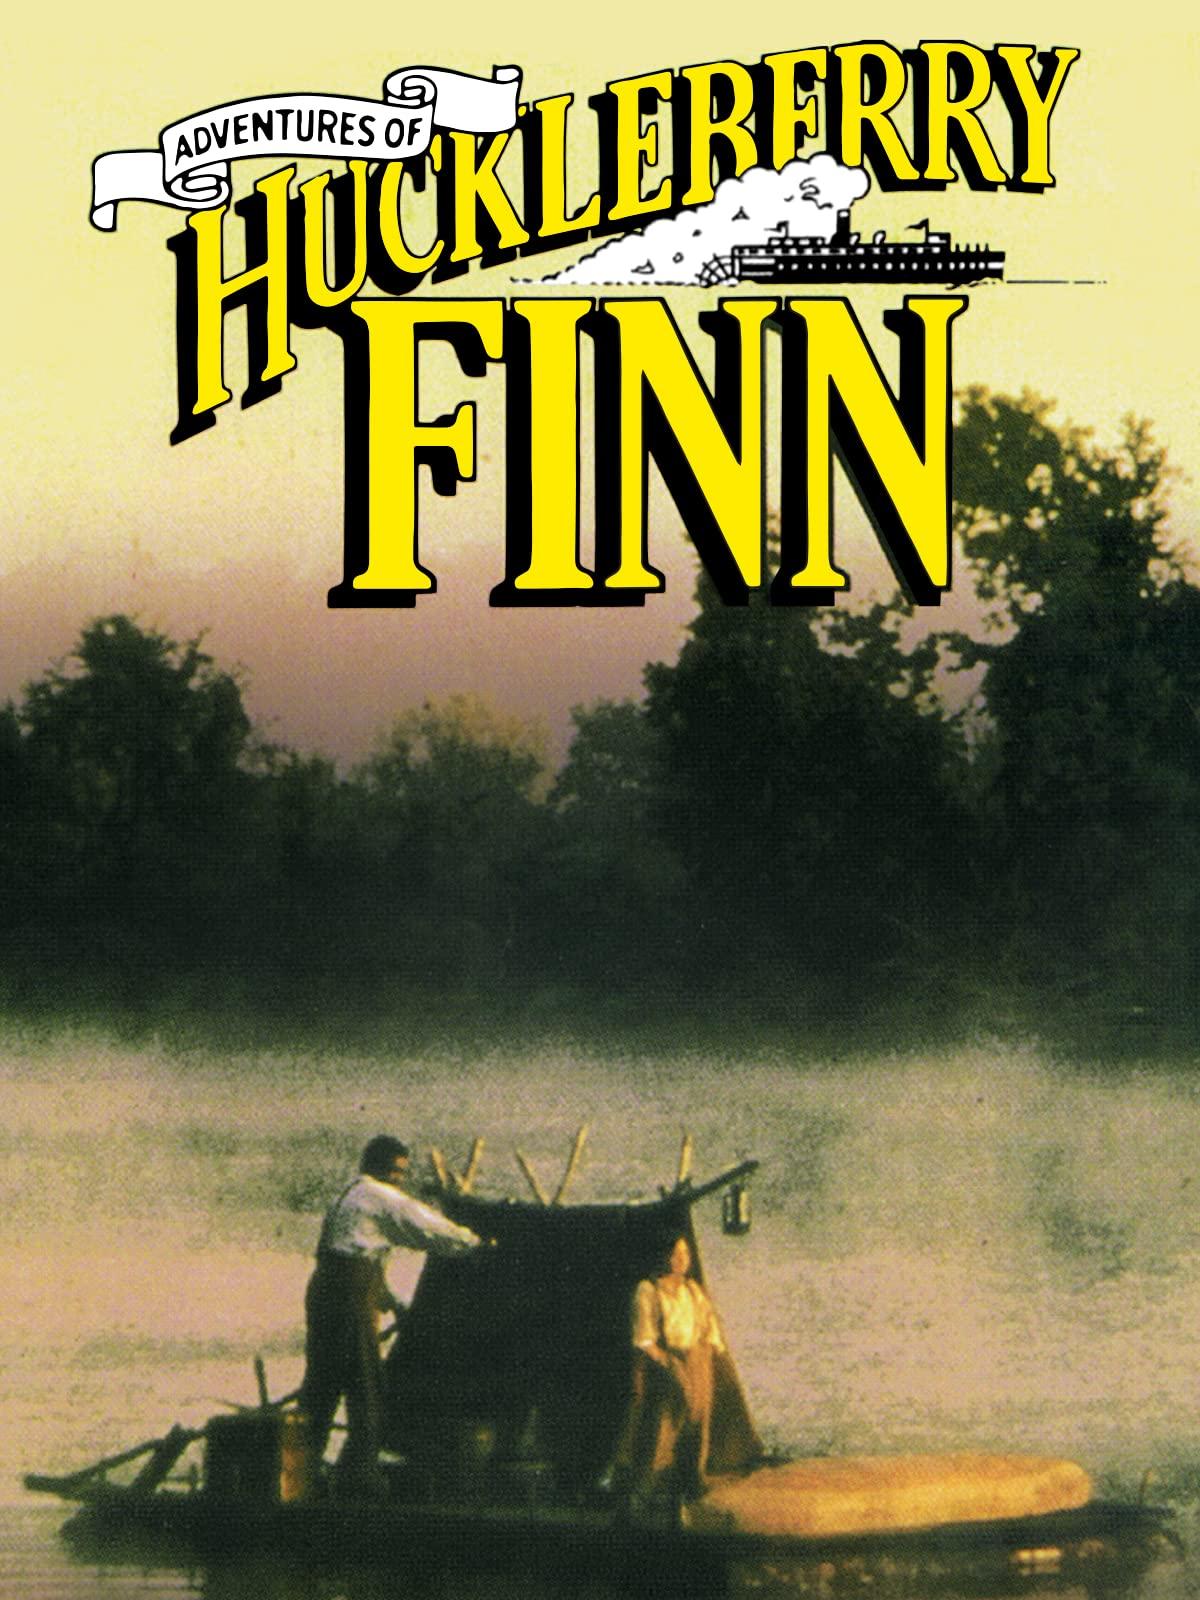 Adventures of Huck Finn Part 1